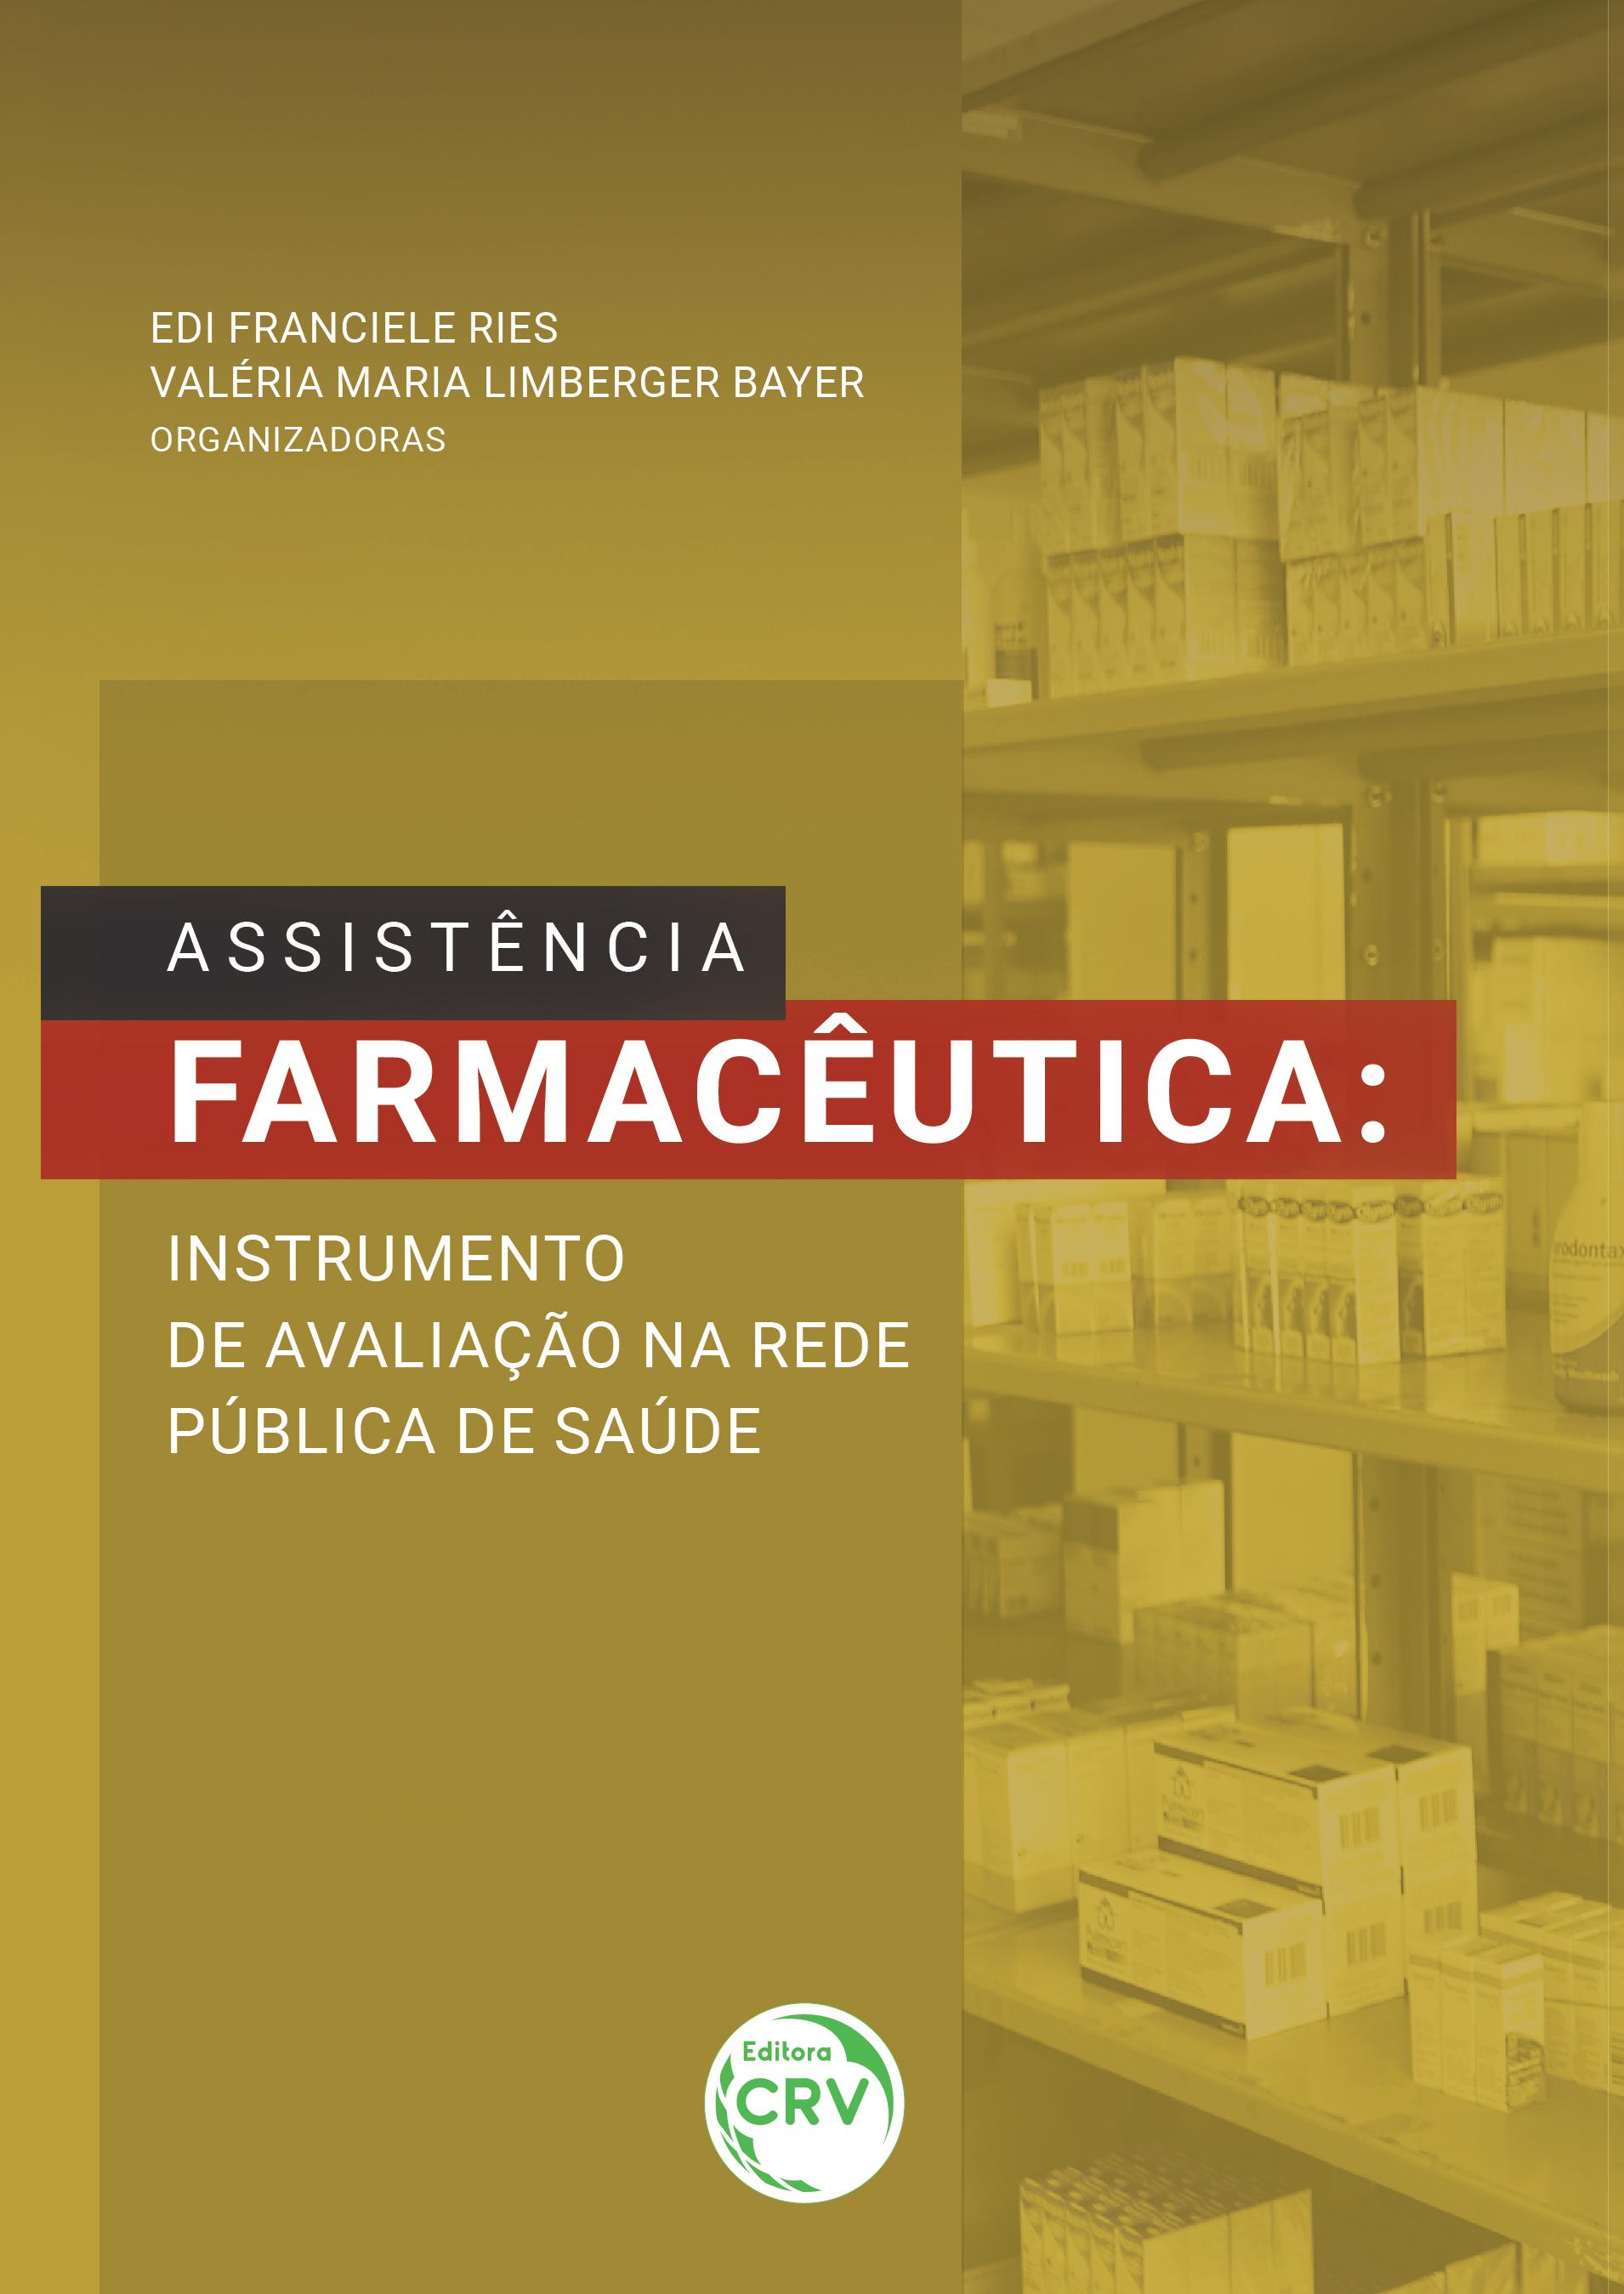 Capa do livro: ASSISTÊNCIA FARMACÊUTICA:<br> instrumento de avaliação na rede pública de saúde